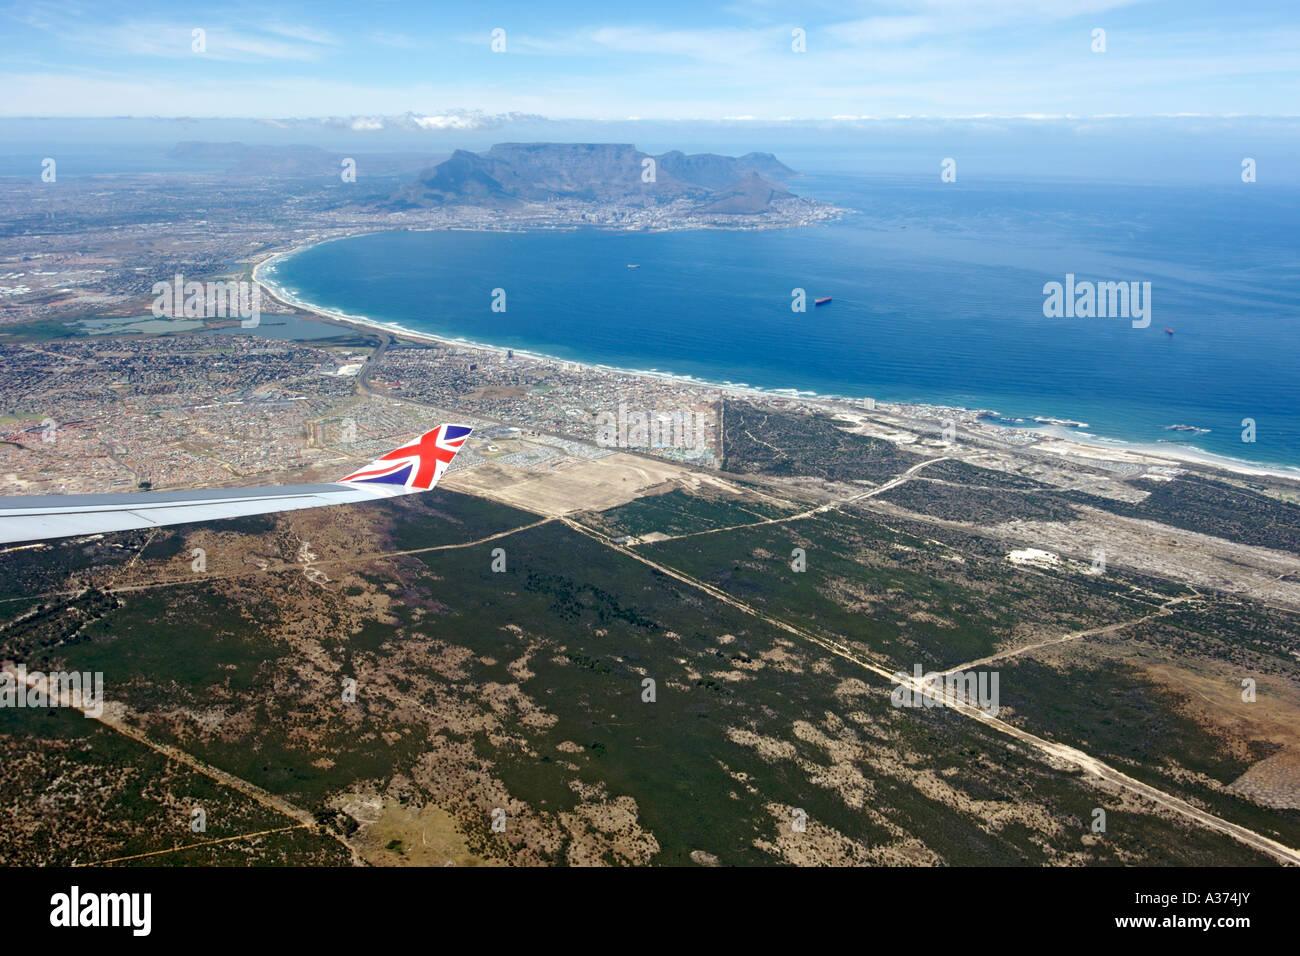 Vue sur la ville de Cape Town Afrique du Sud à partir de la fenêtre d'un avion Virgin Atlantic. Banque D'Images